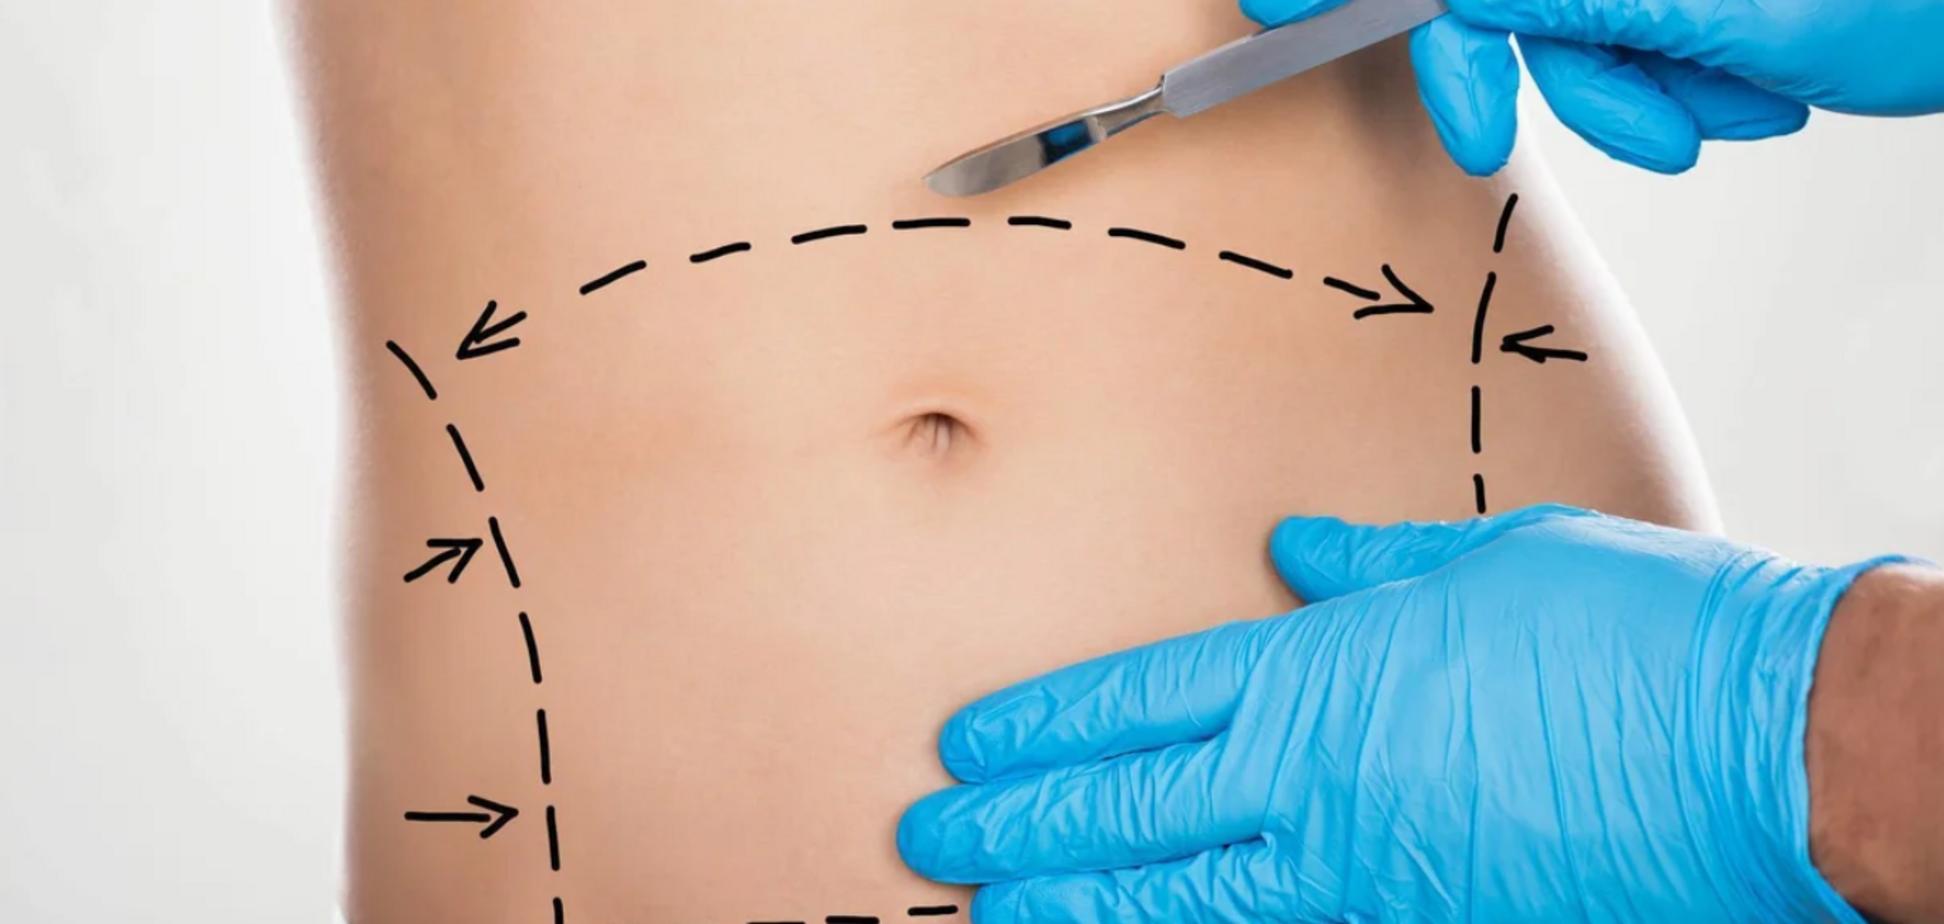 Подтягиваем животы: пластический хирург рассказал правду об абдоминопластике